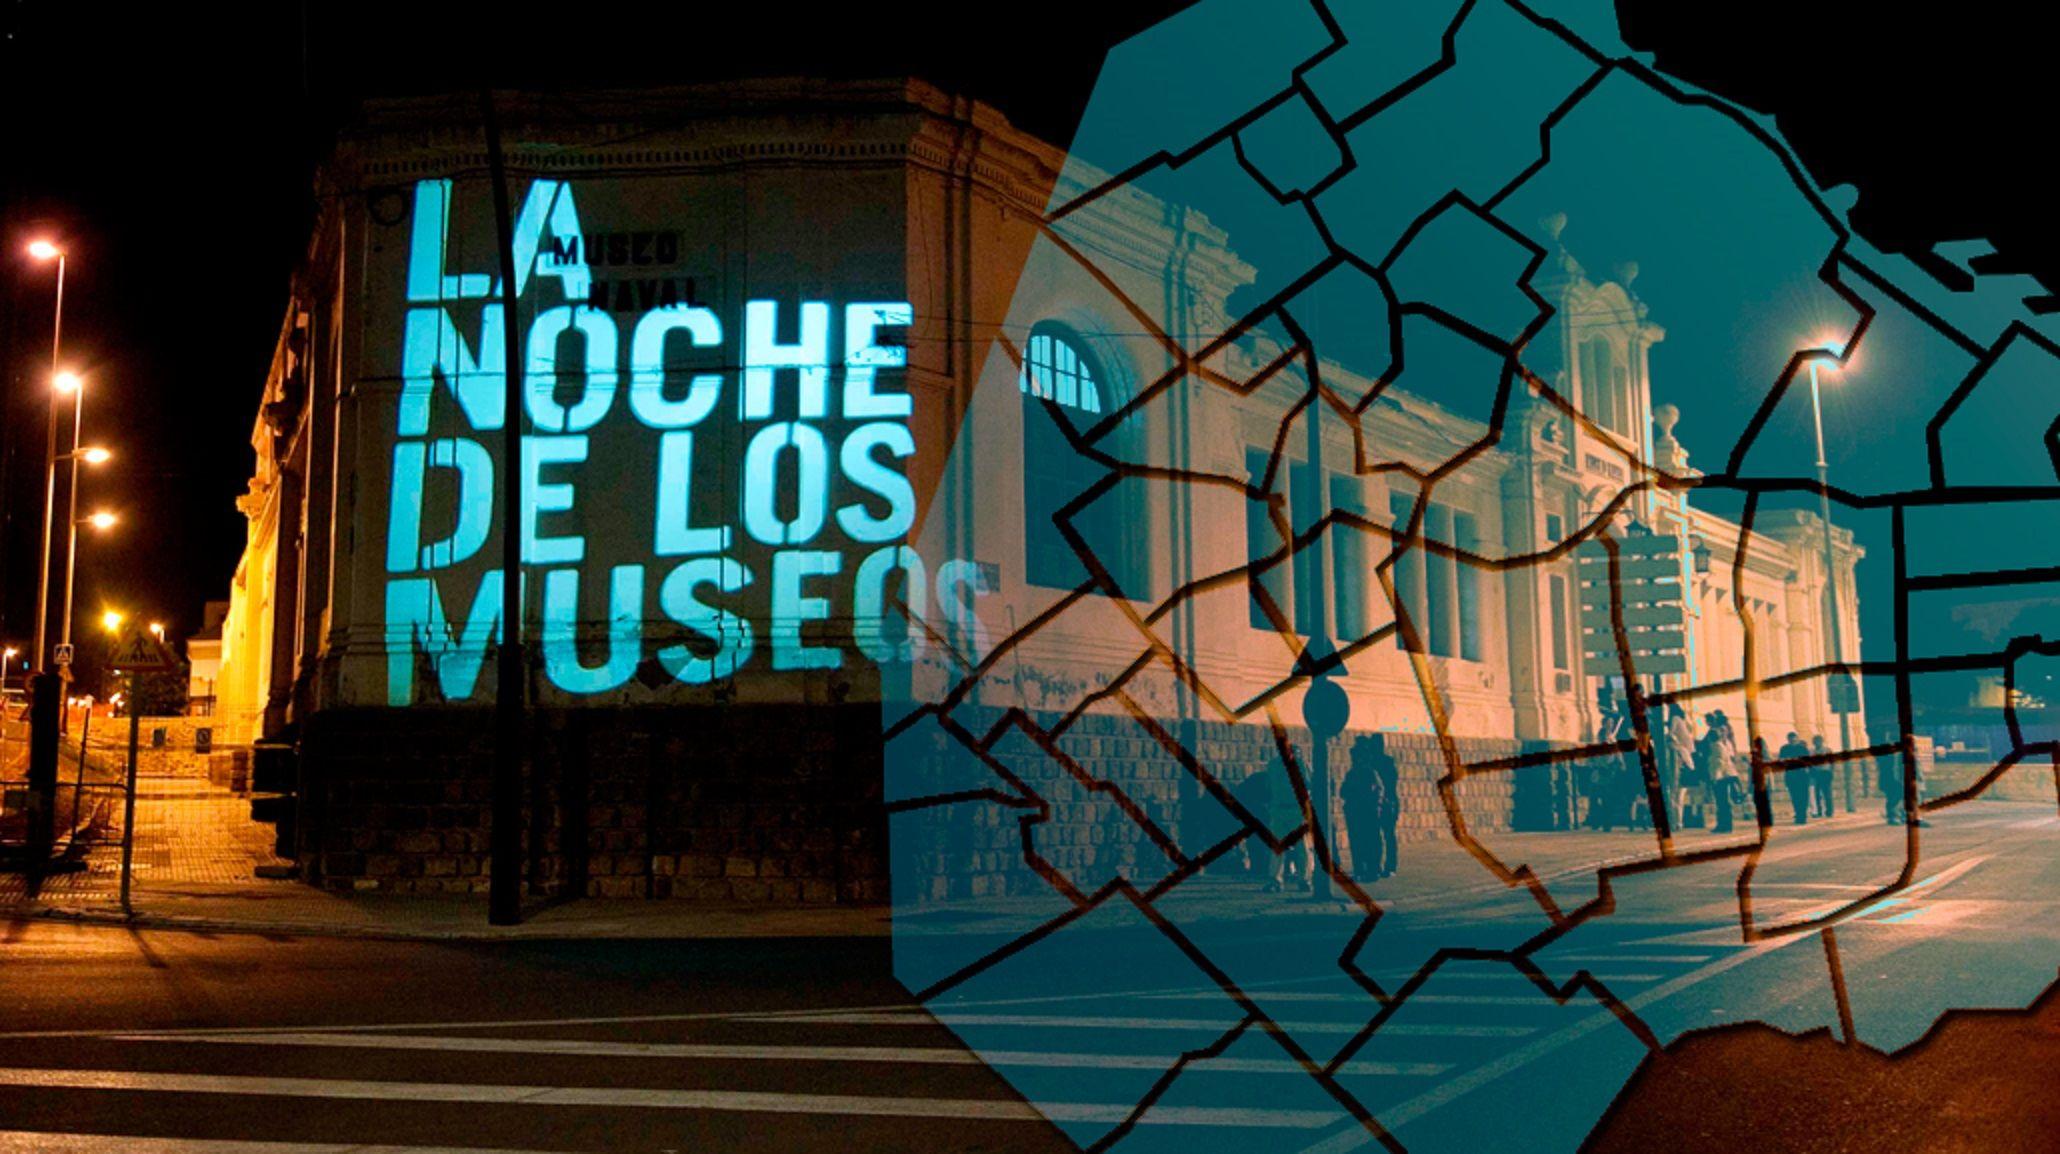 La Ciudad de Buenos Aires celebra La Noche de los Museos